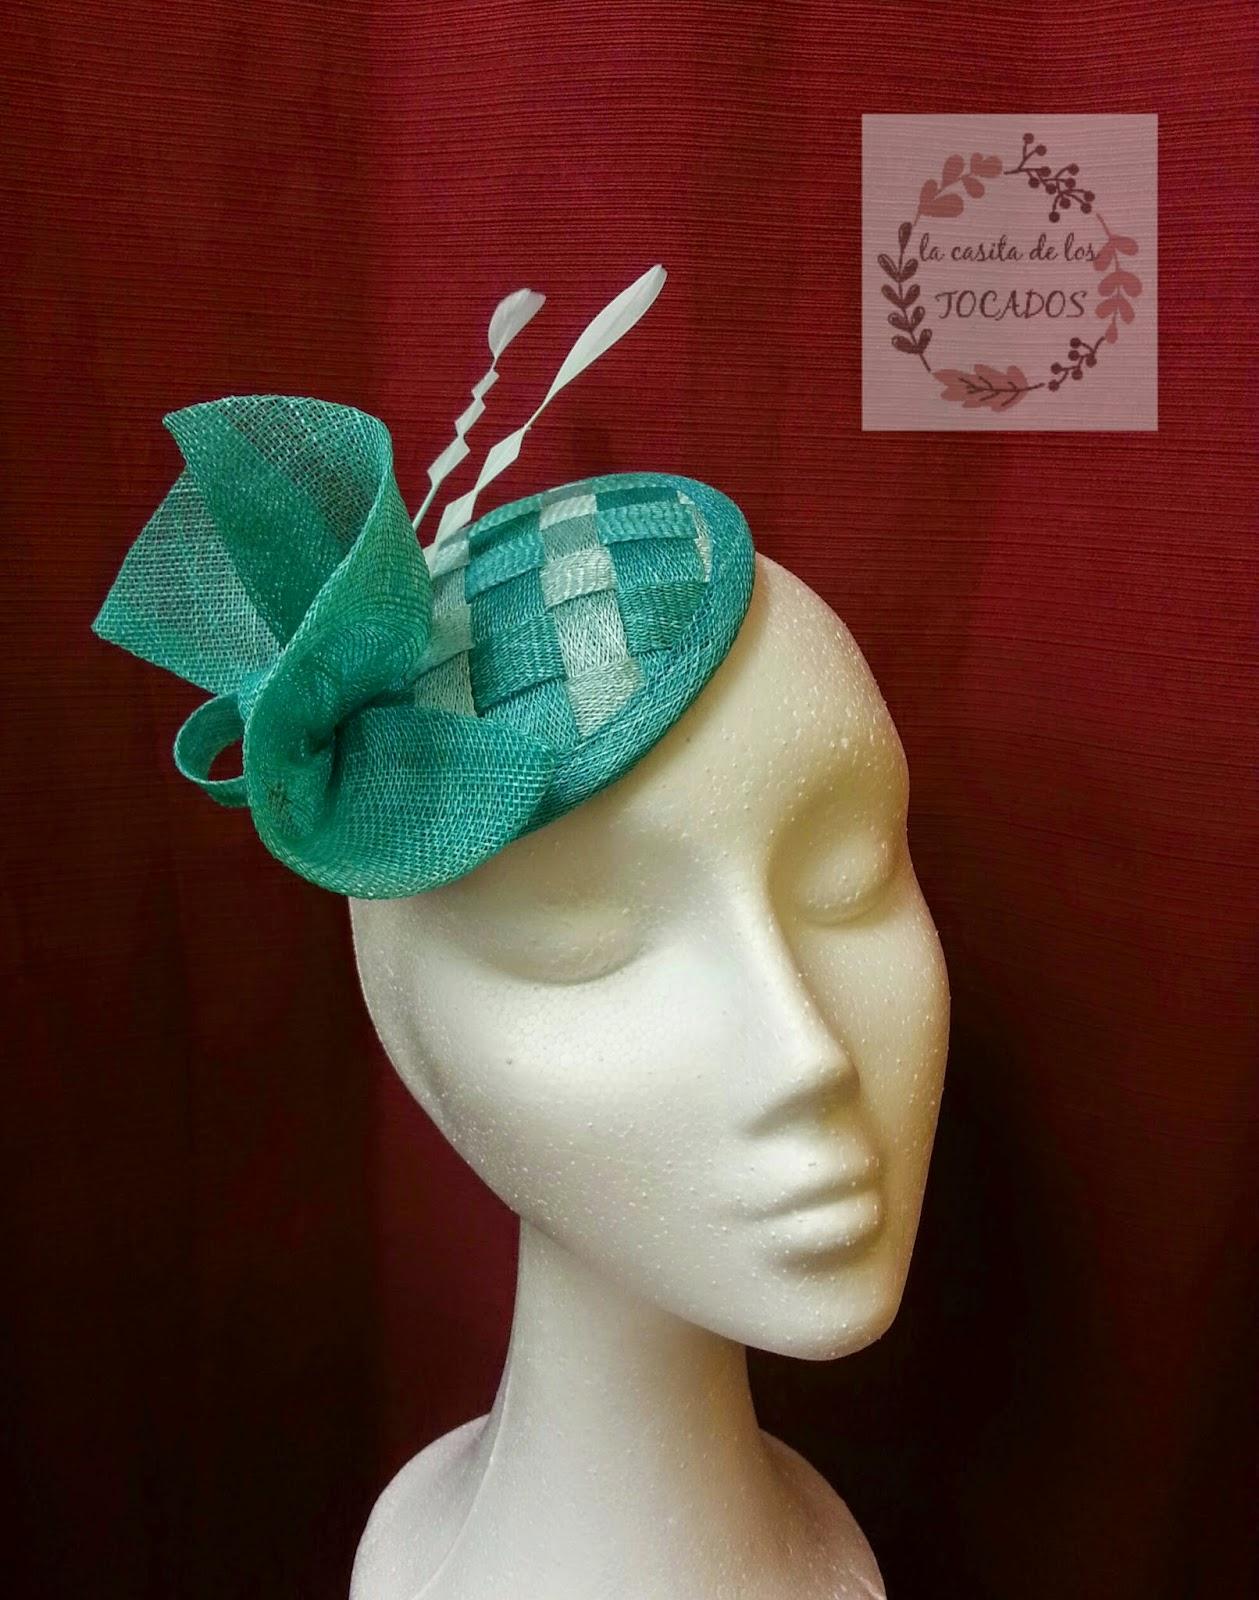 tocado con base de casquete para boda en colores verde jade y verde agua